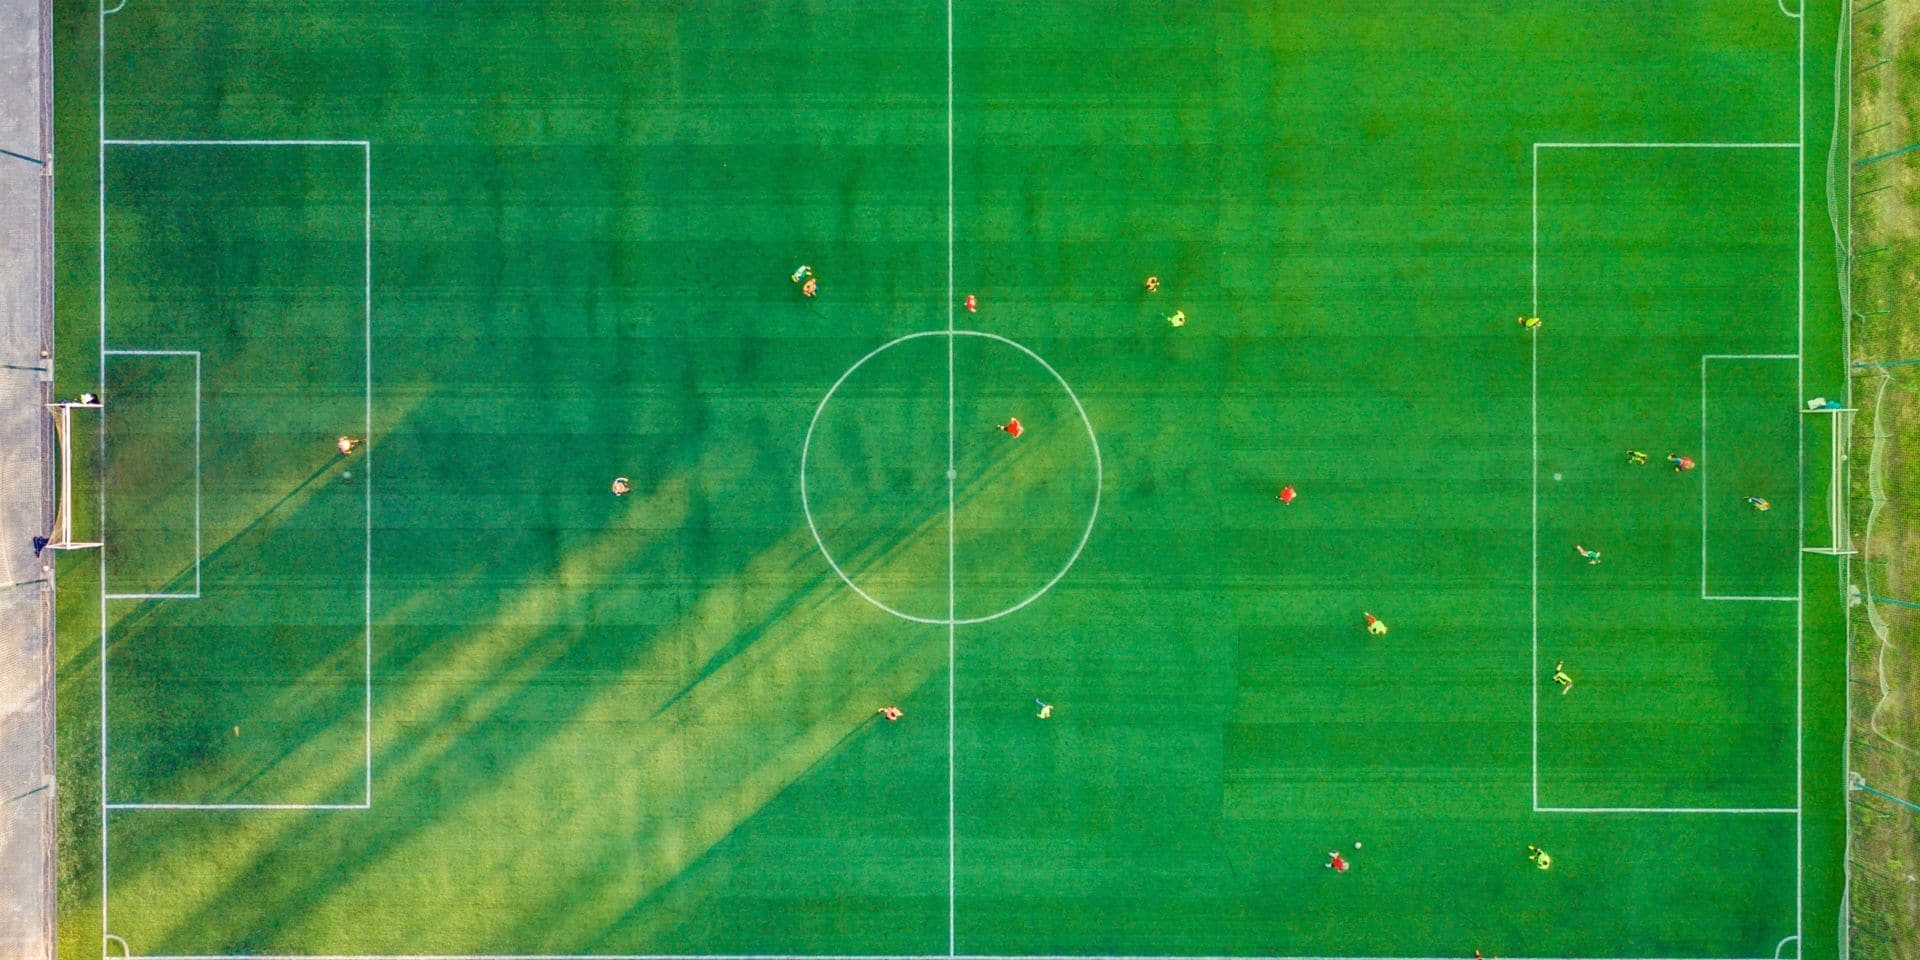 Brésil: quatre joueurs testés positifs au Covid-19... mais autorisés à jouer !